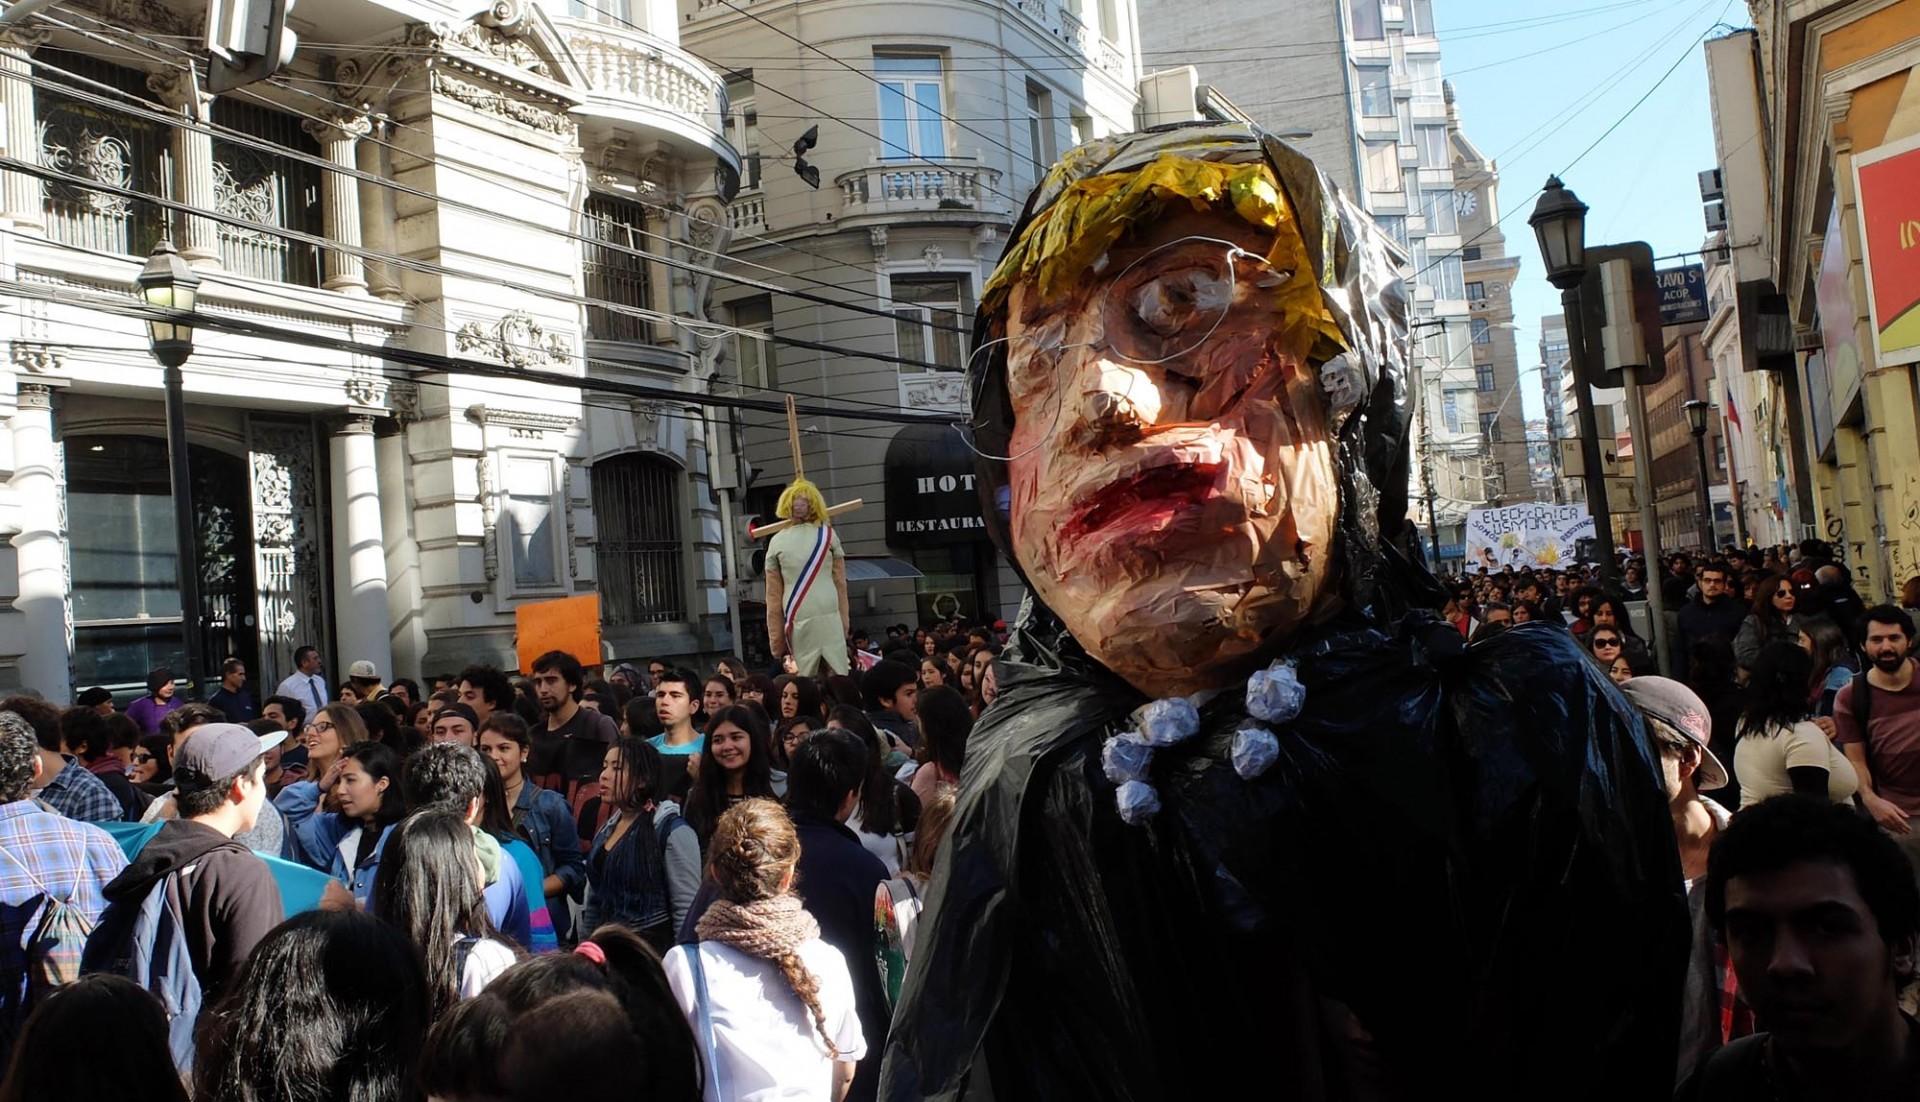 La marcha del miércoles estuvo marcada por la masividad y lo creativo de la protesta.